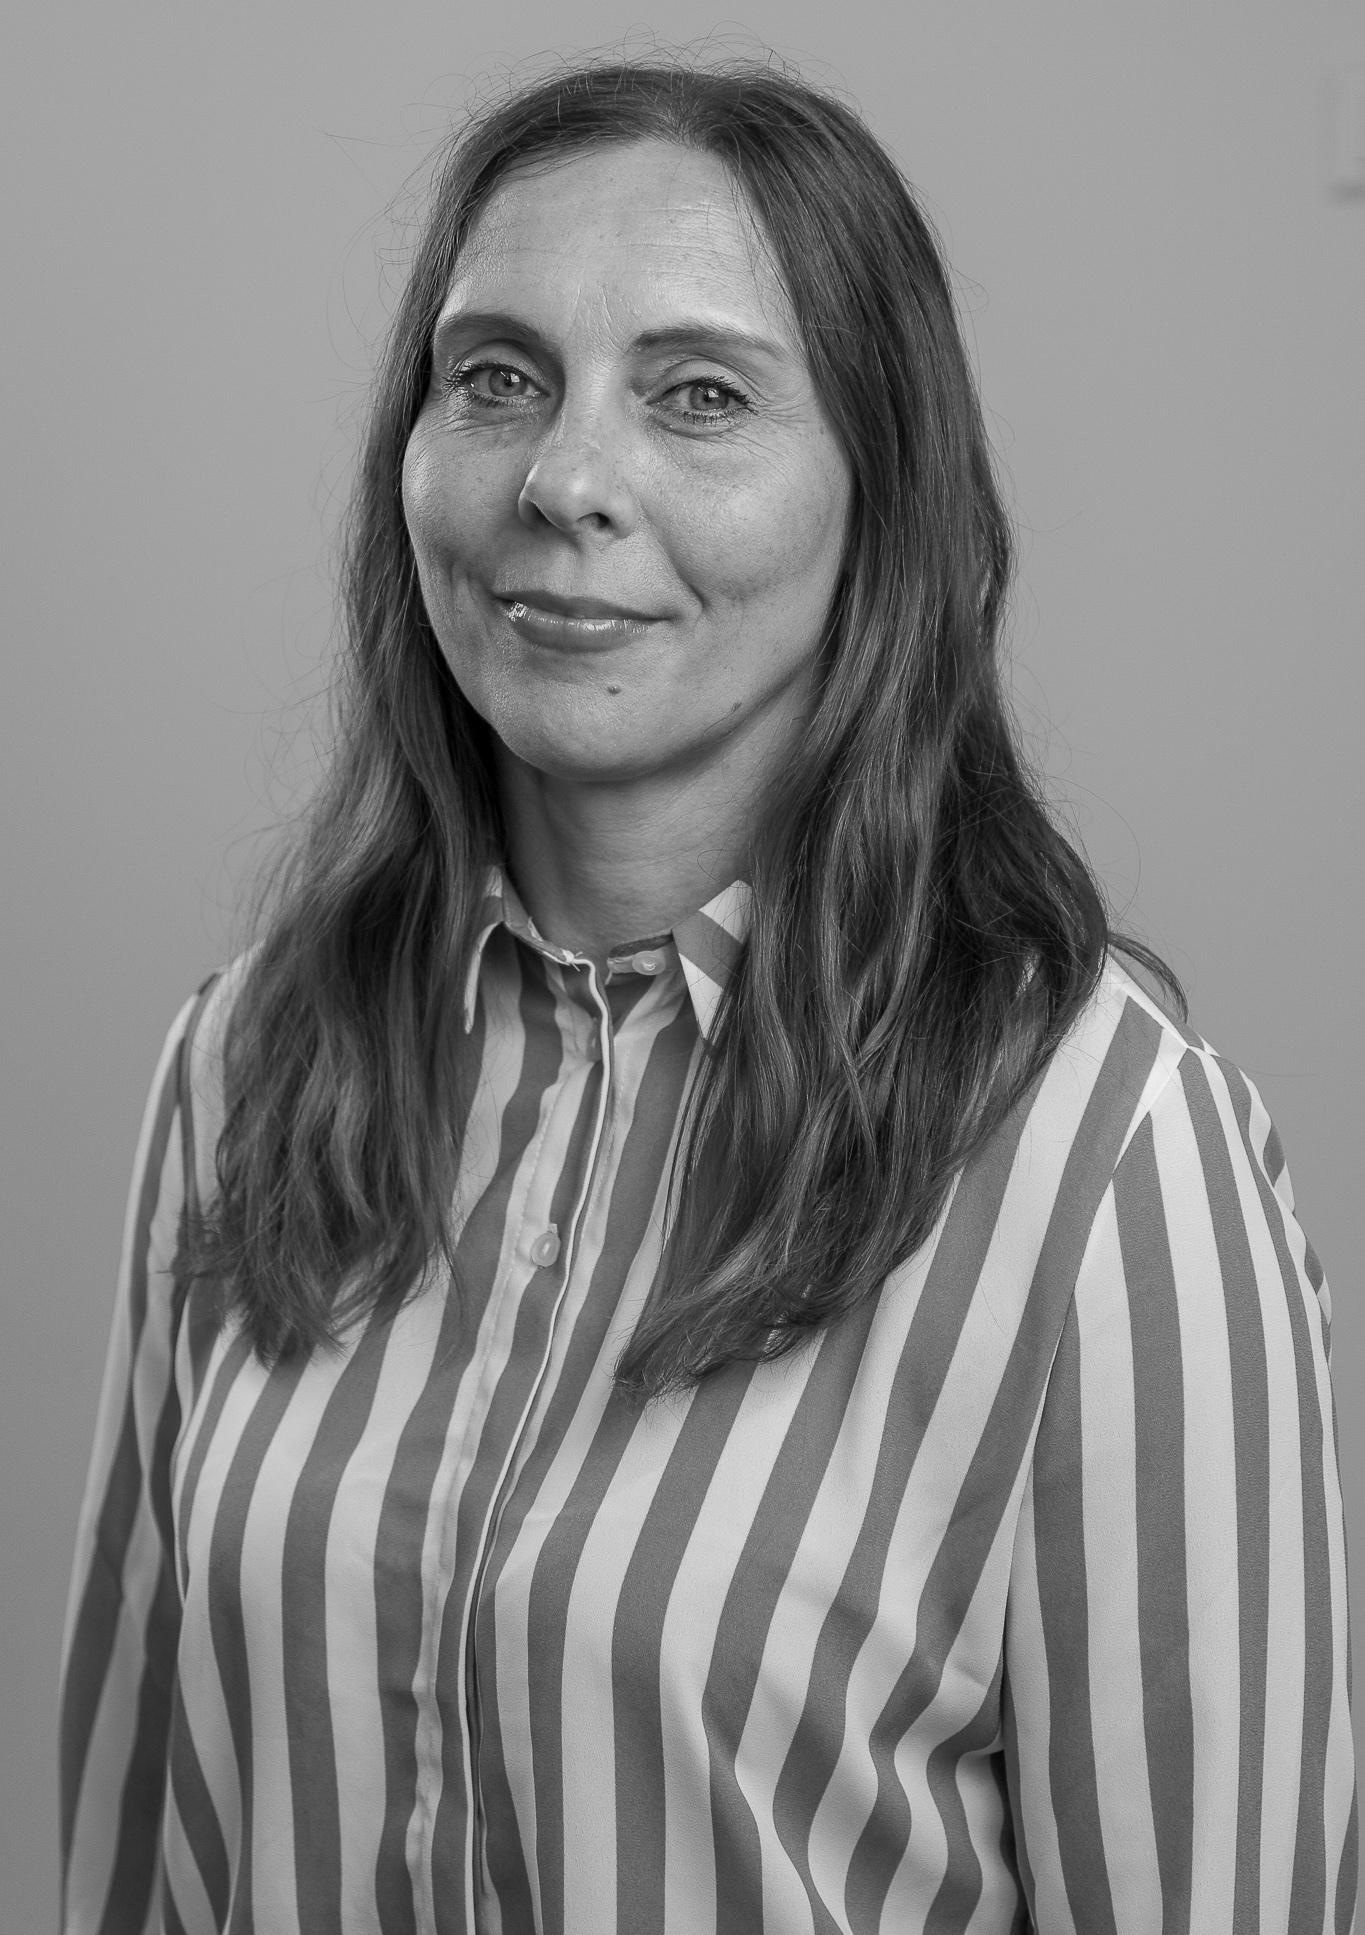 Sari Kangas-Hynnilä